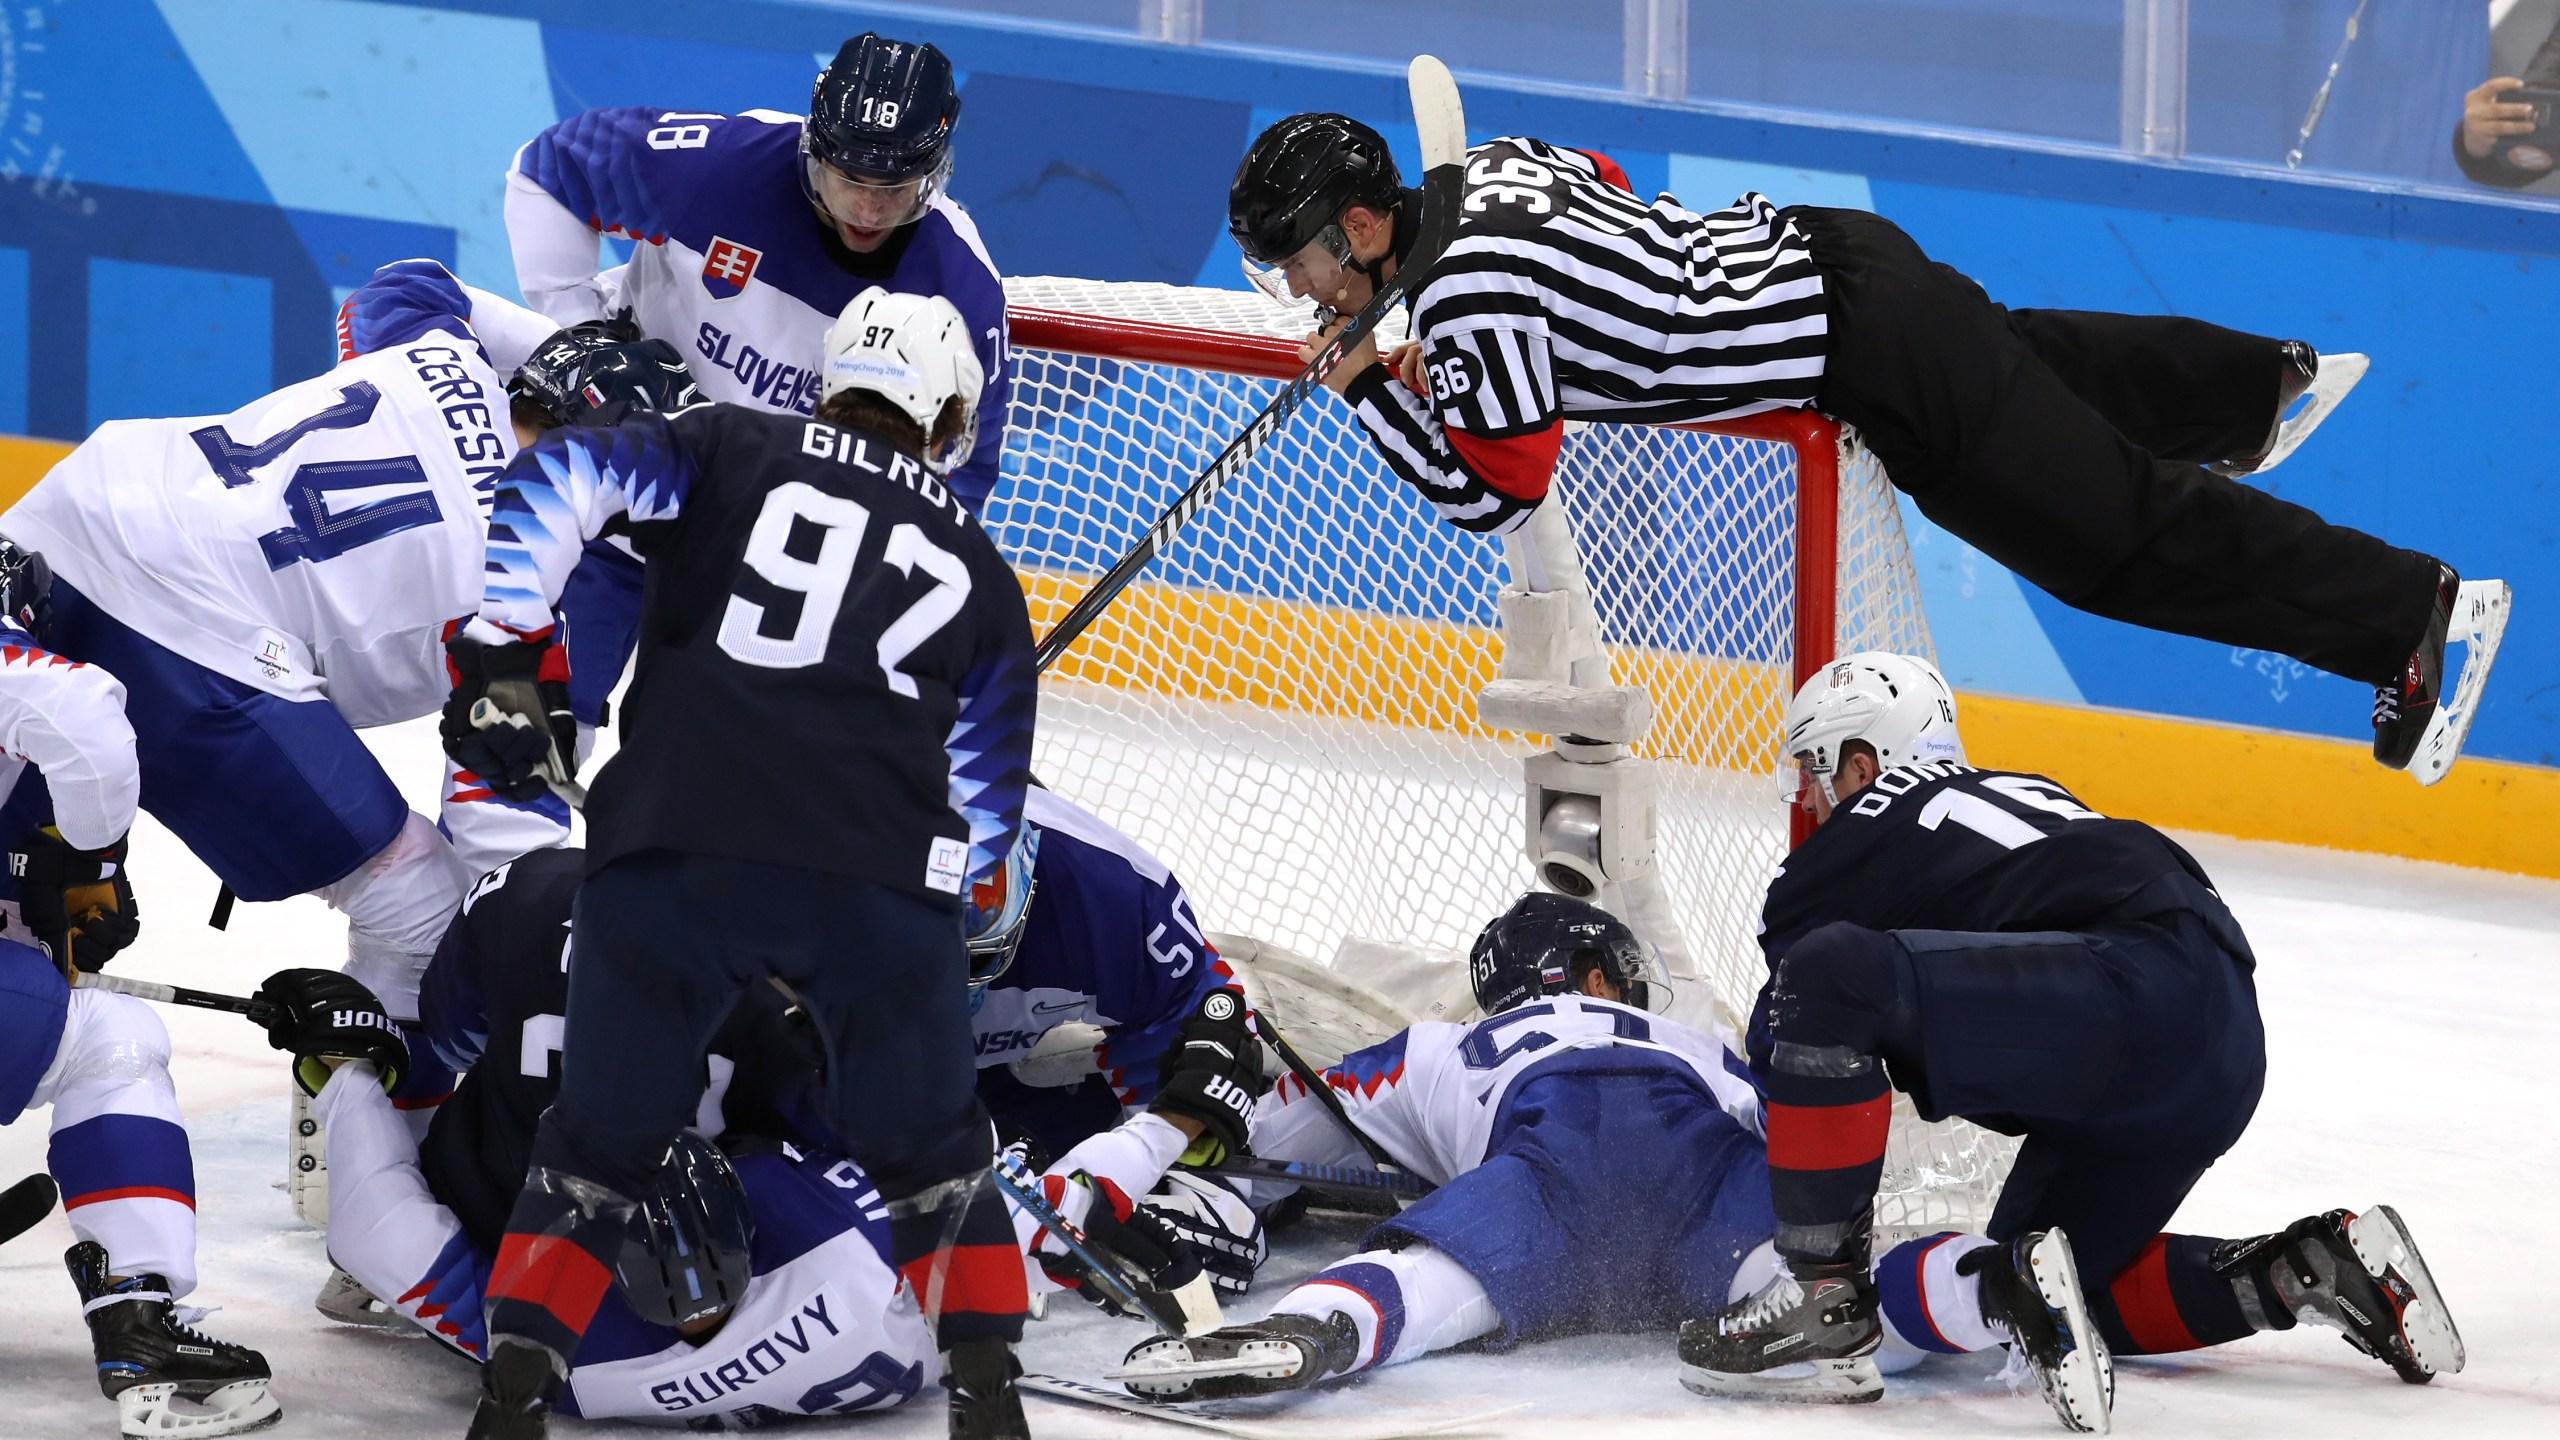 Ice Hockey – Winter Olympics Day 7_724195